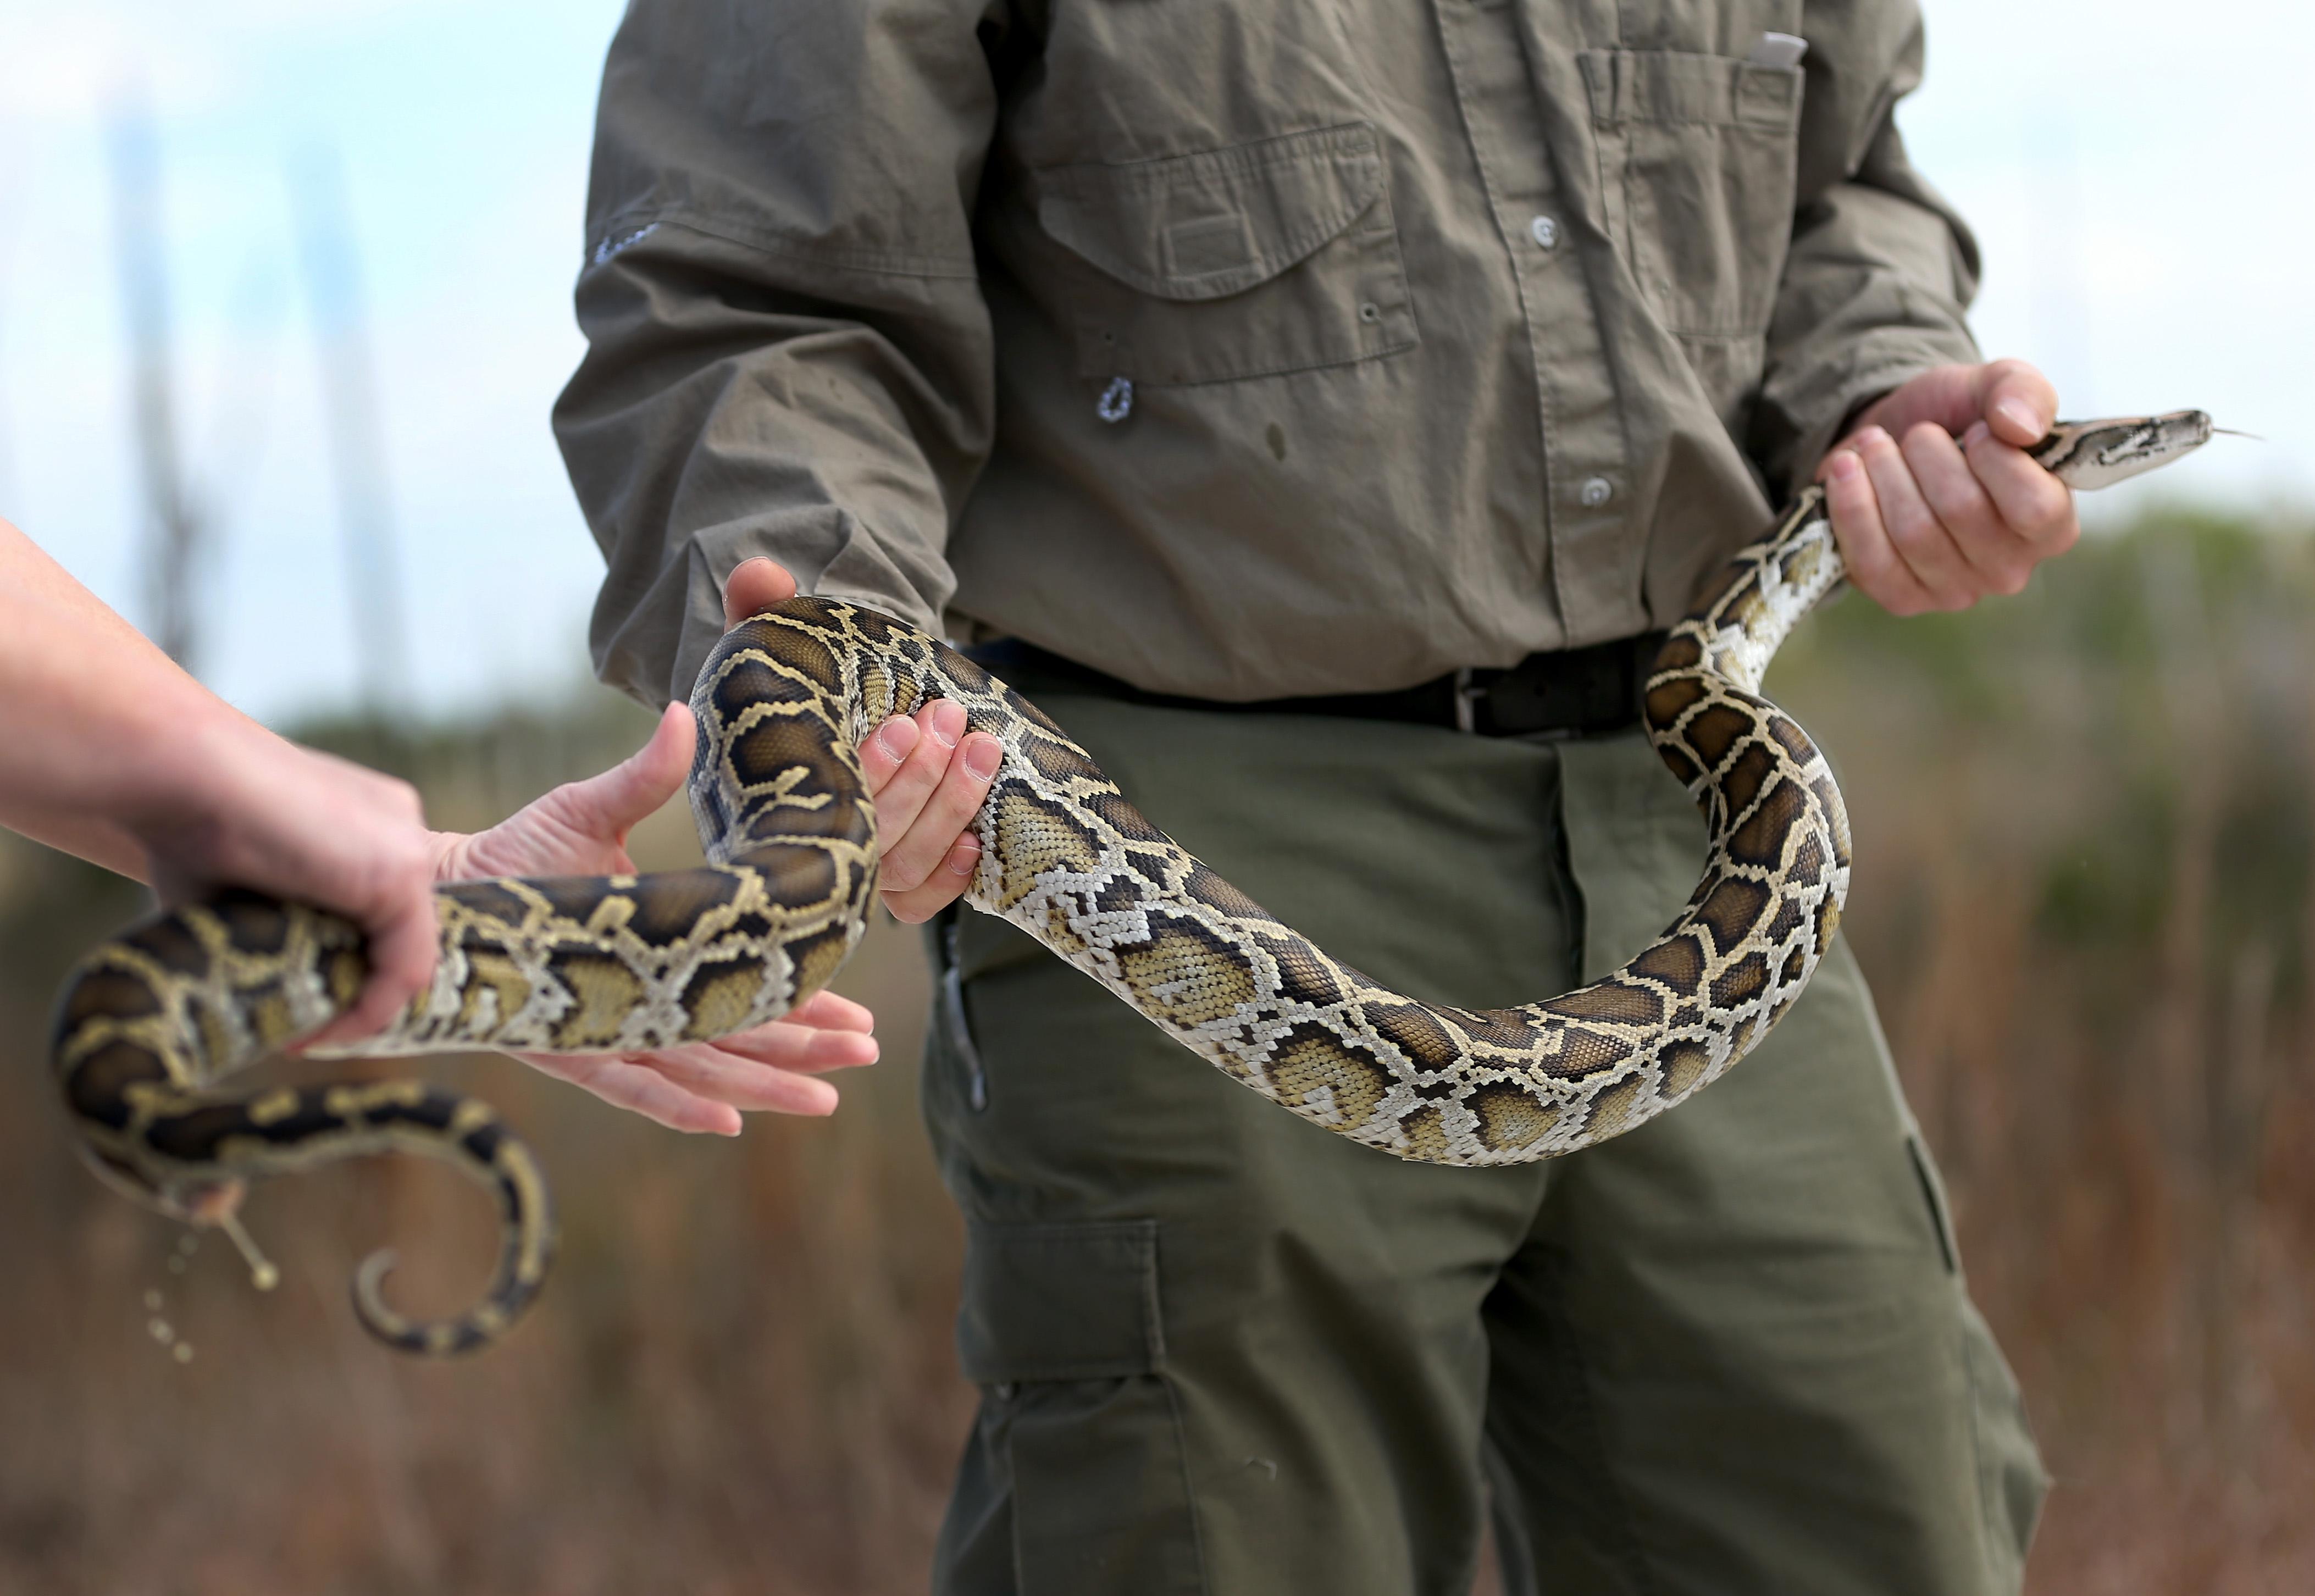 Питони в Маями<br /> За разлика от местните германски глигани, змиите във Флорида са имигранти. Проблемът произлиза от факта, че хората, които си купуват бебета Бирмански питони в местността, не осъзнават, че от 30 см за изключително кратко време те могат да увеличат размерите си до повече от 12 пъти. Топлото време, изобилието от вода и плячка в Маями и други части на Флорида превръщат средата за тези змии в един рай и така те започват да се разпространяват с бързи темпове.